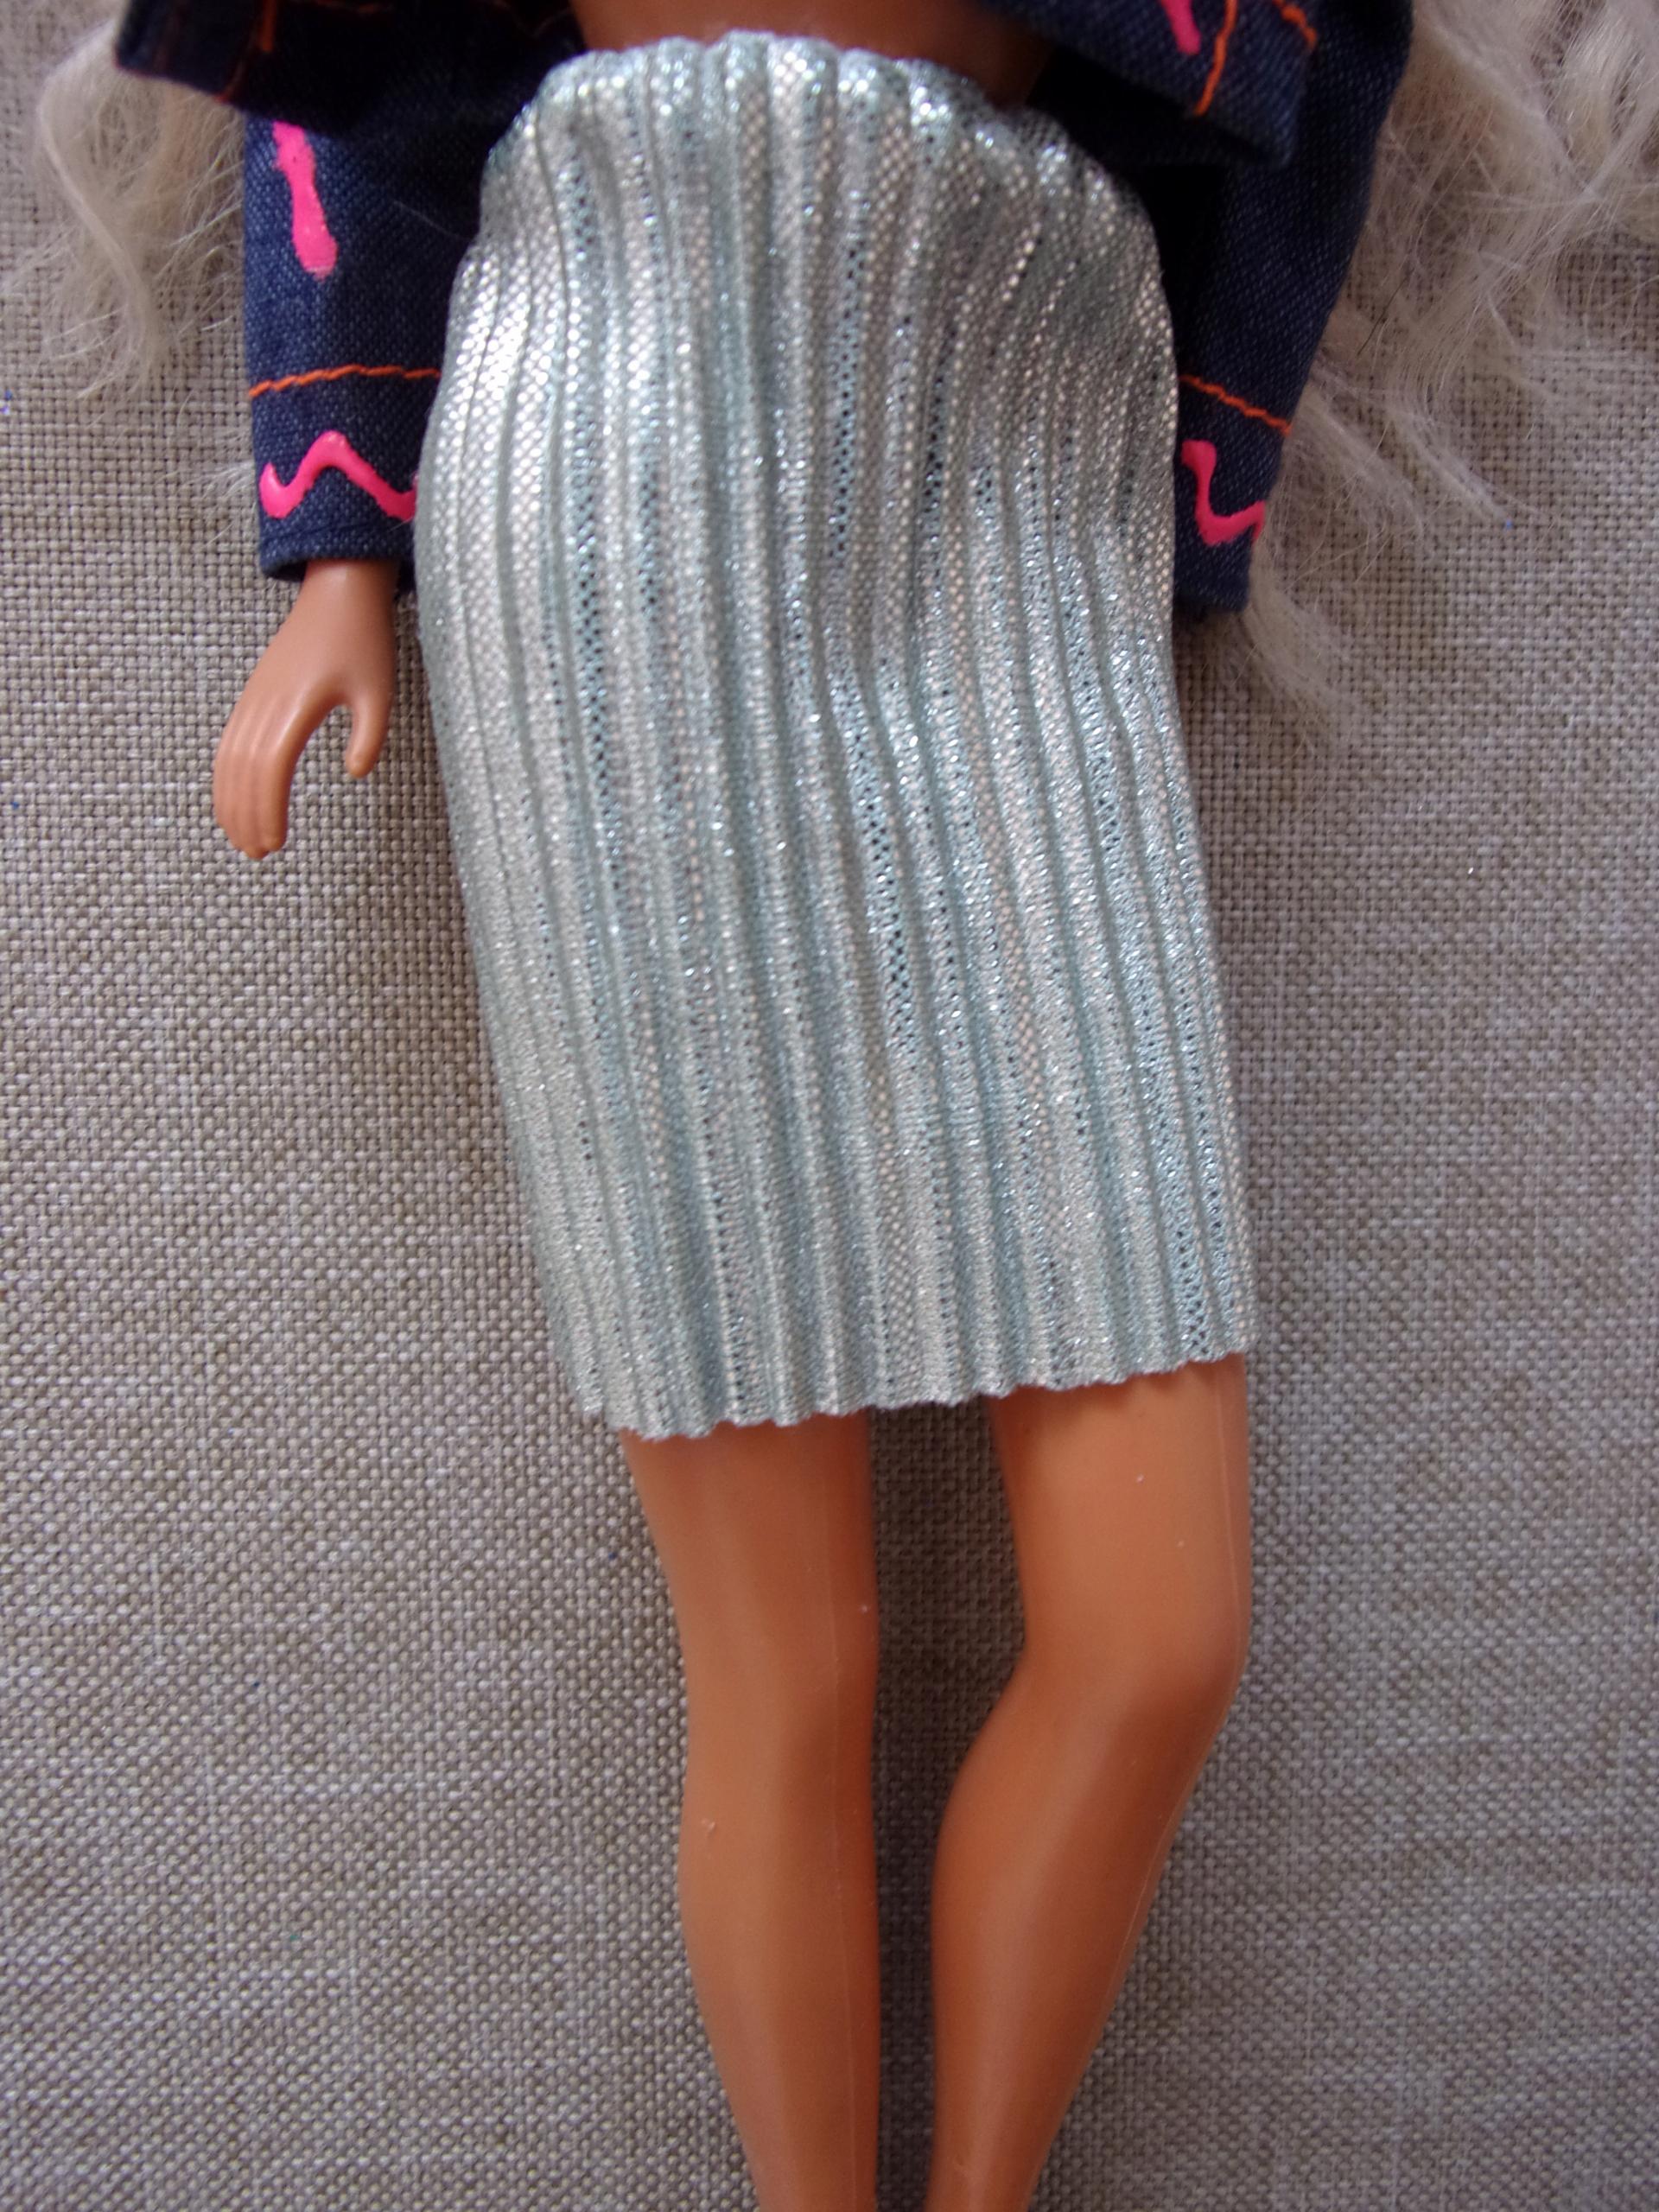 Spodnica połyskująca lalki Barbie